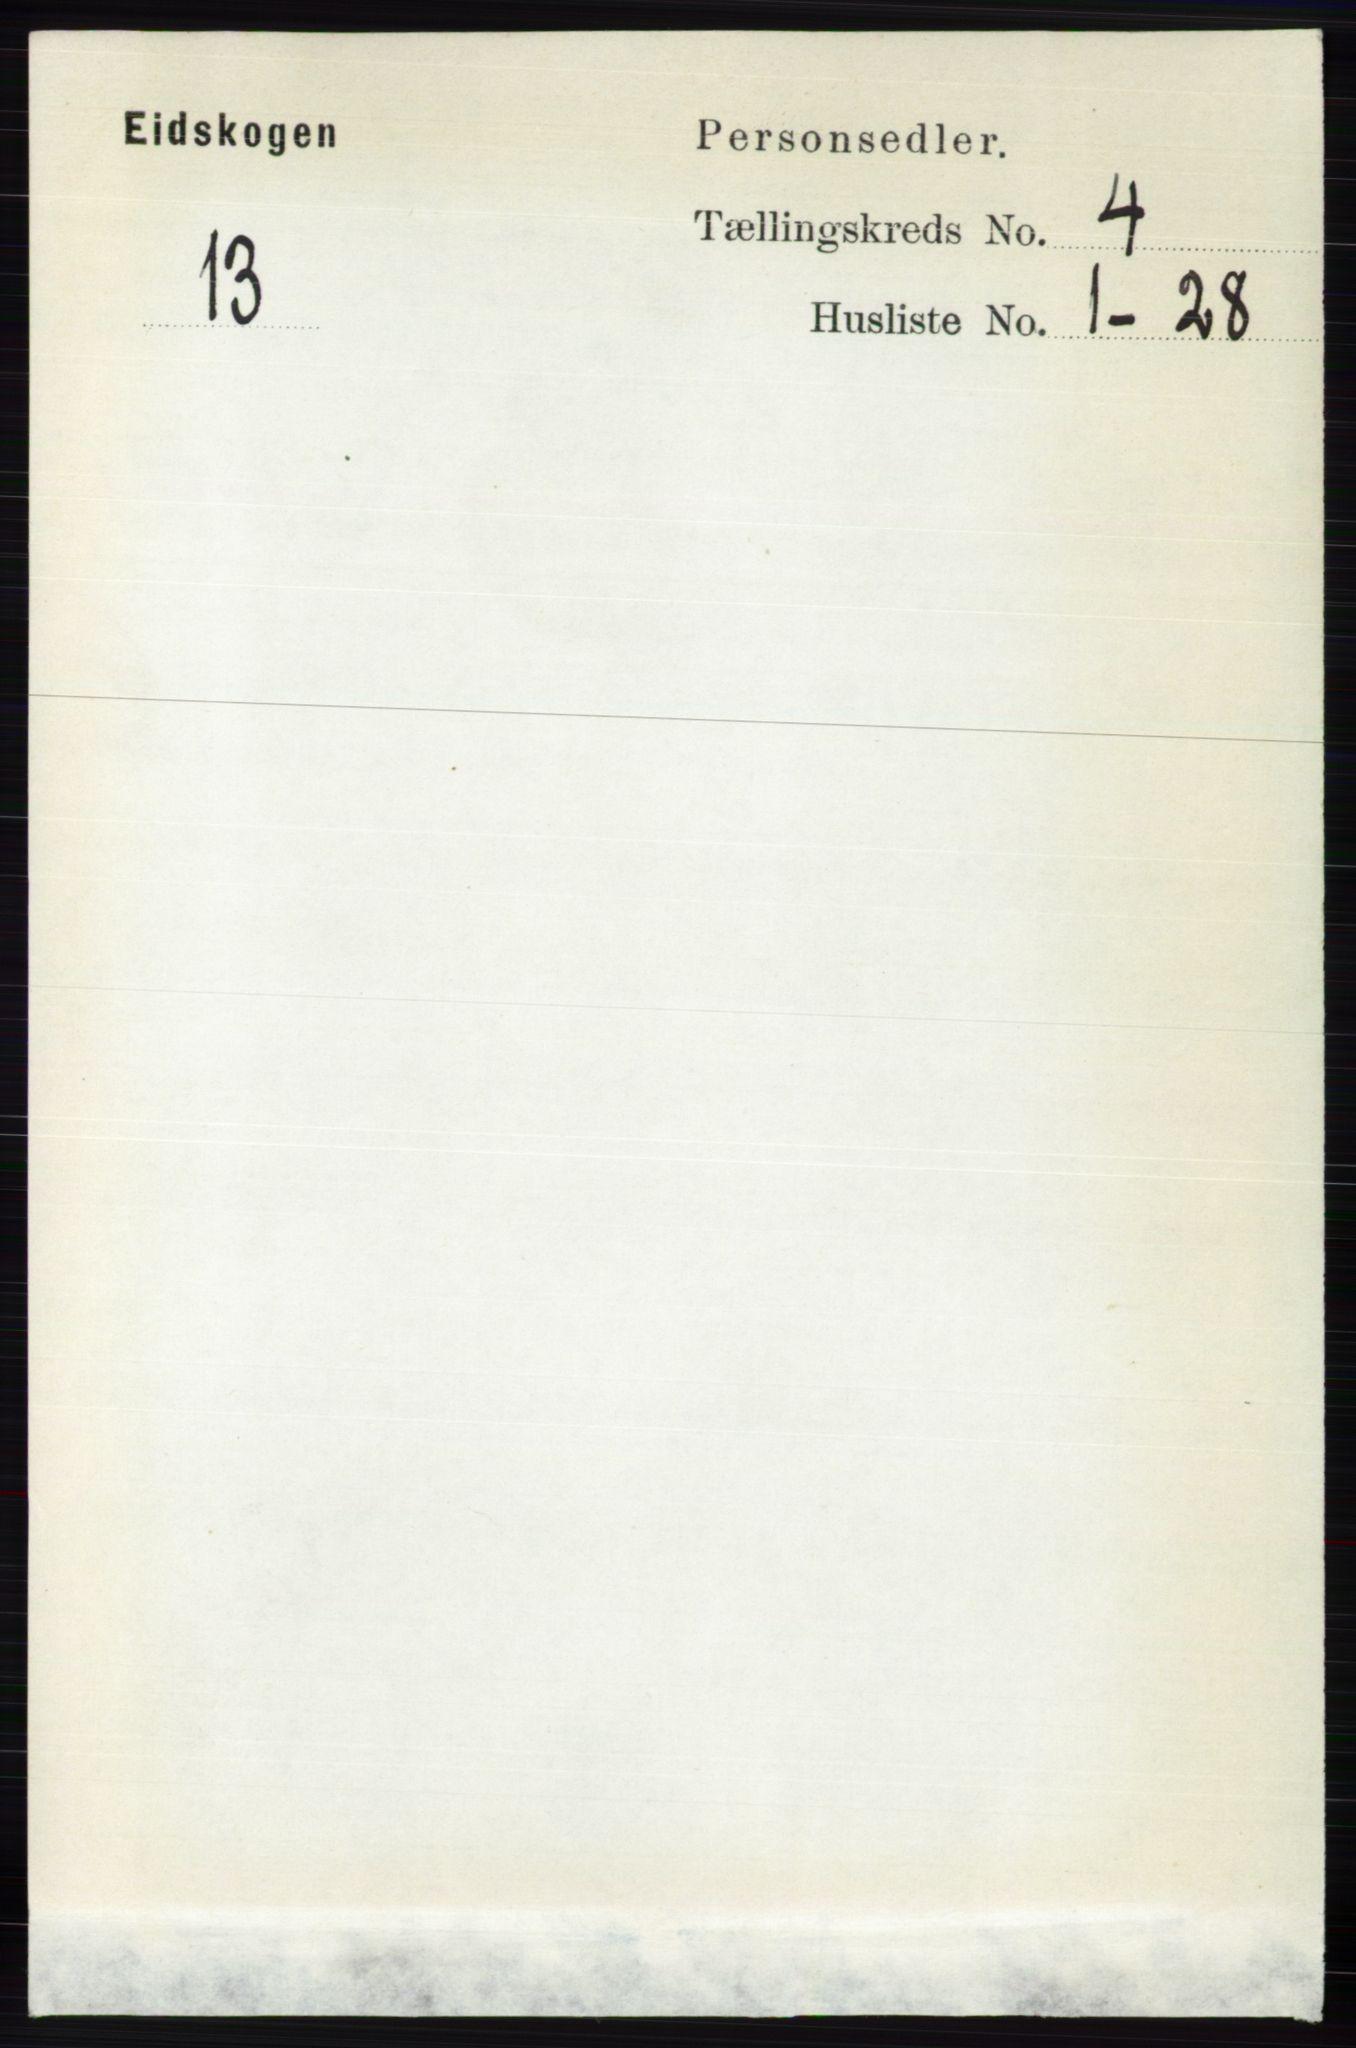 RA, Folketelling 1891 for 0420 Eidskog herred, 1891, s. 1582